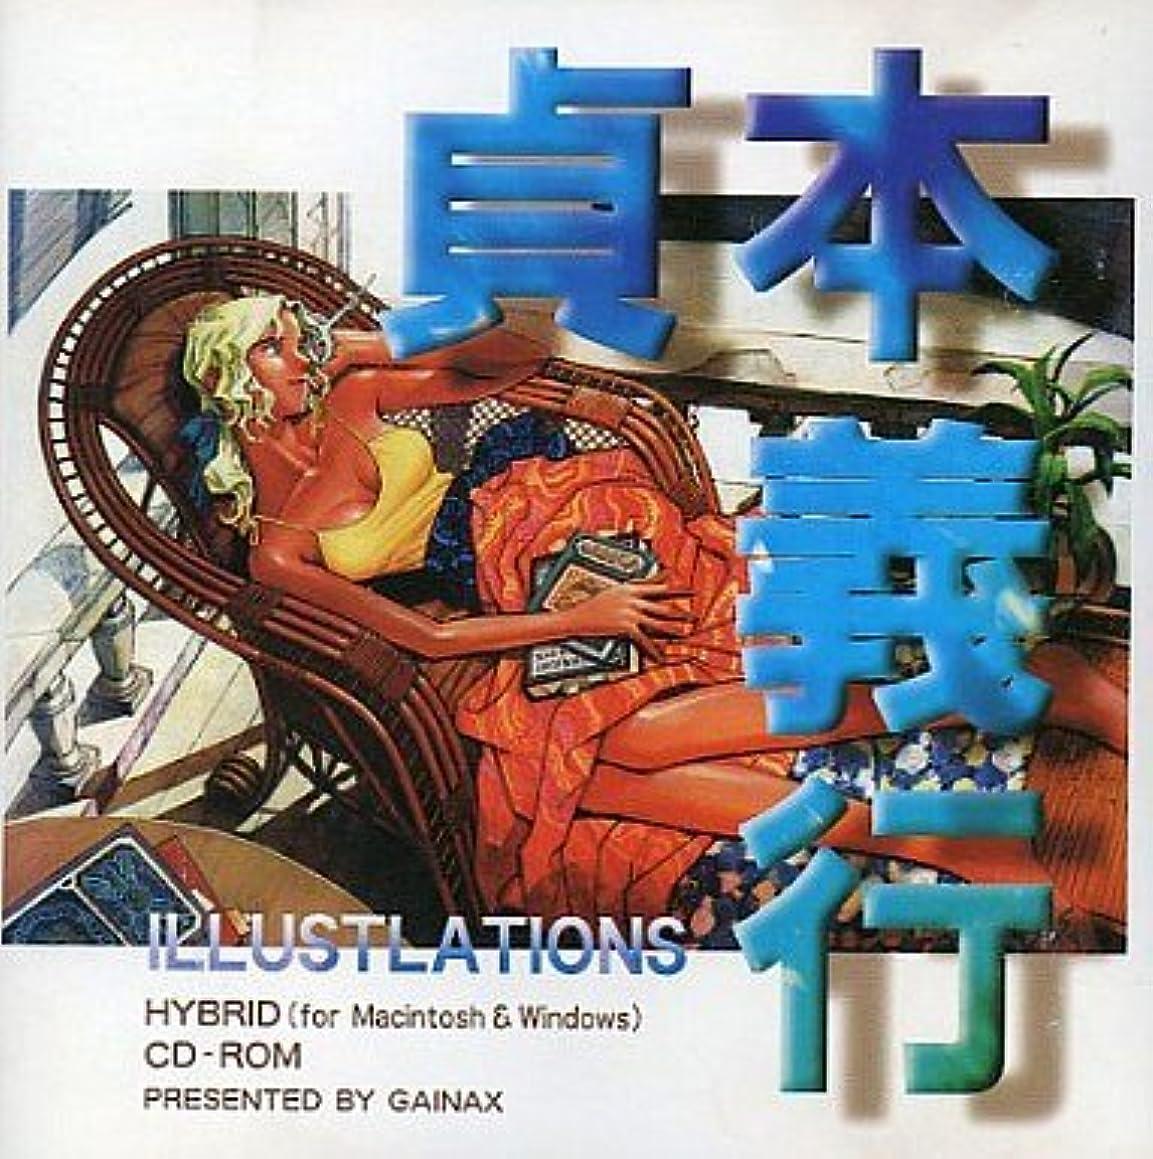 雇用者脱獄サービス貞本義行 画集 CD-ROM画集 Win3.1 & Mac HYBRID CDソフト